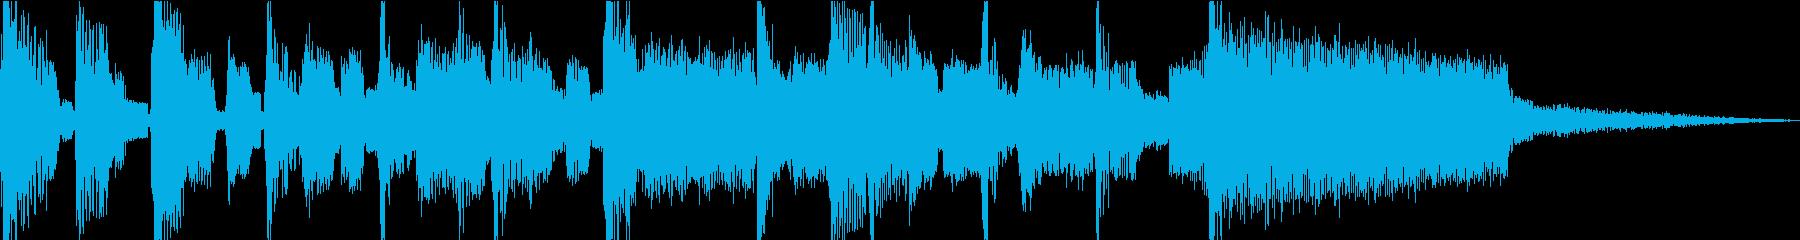 チップチューンでロック系5秒ジングルの再生済みの波形